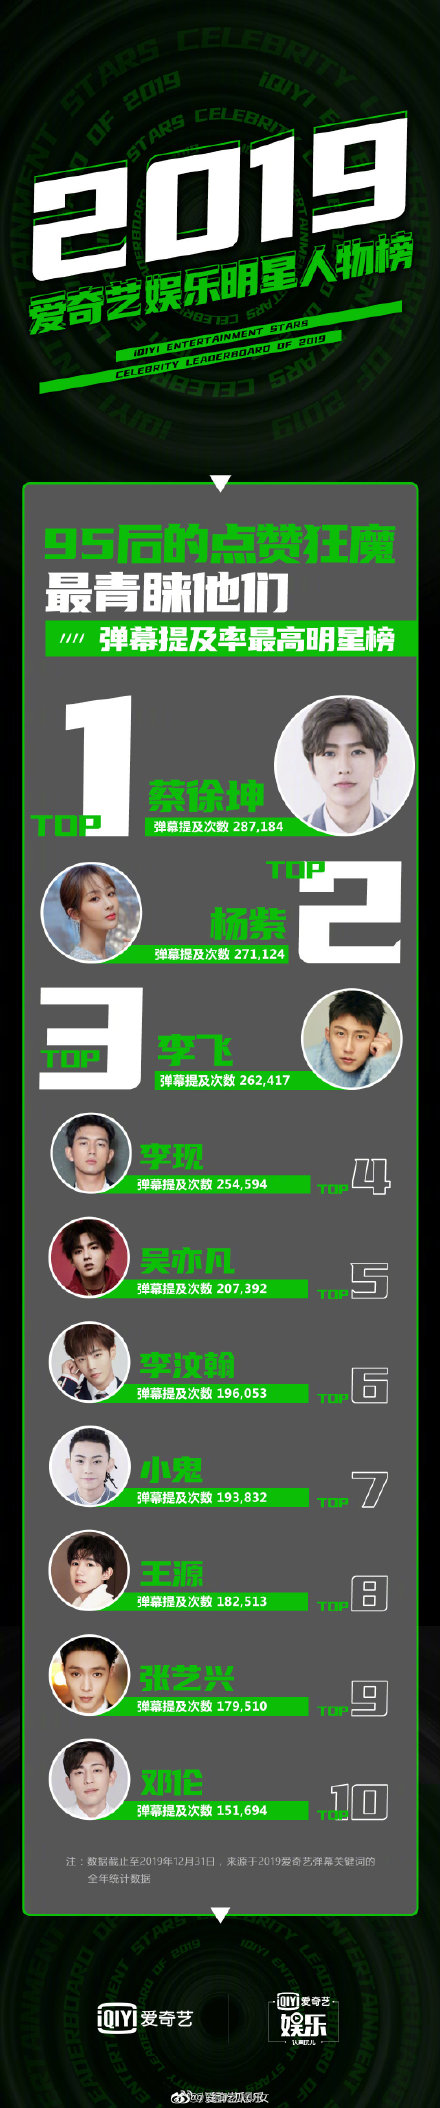 爱奇艺娱乐明星人物榜出炉蔡徐坤登顶弹幕提及率最高明星榜